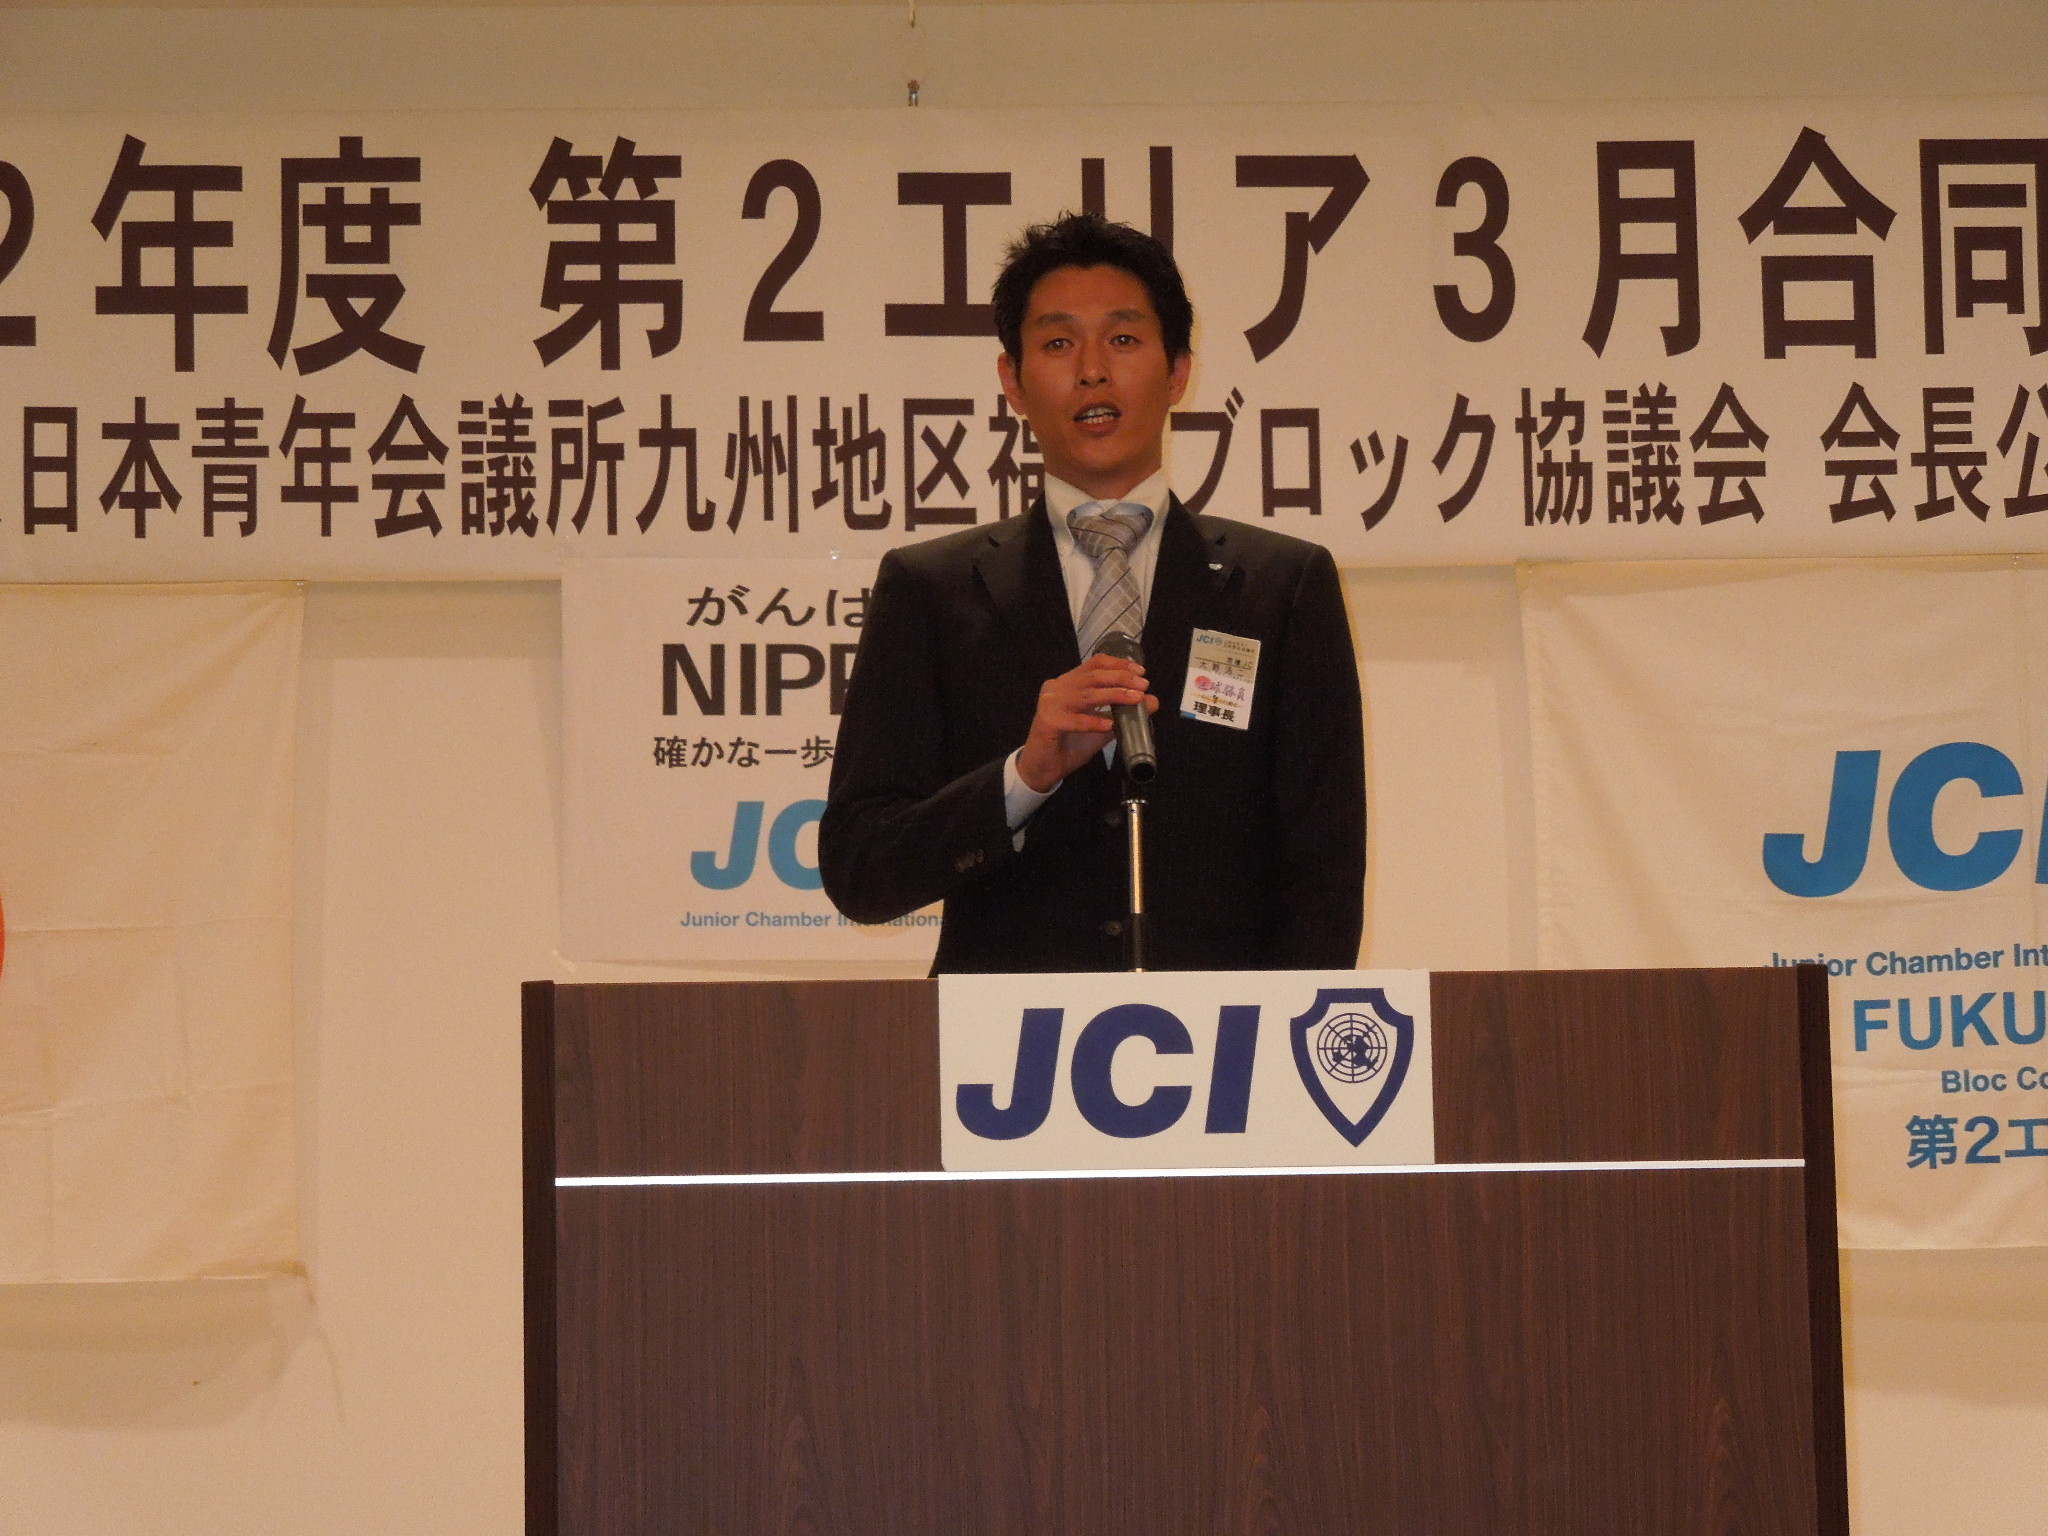 http://www.munakatajc.com/active/DSCN0623.JPG